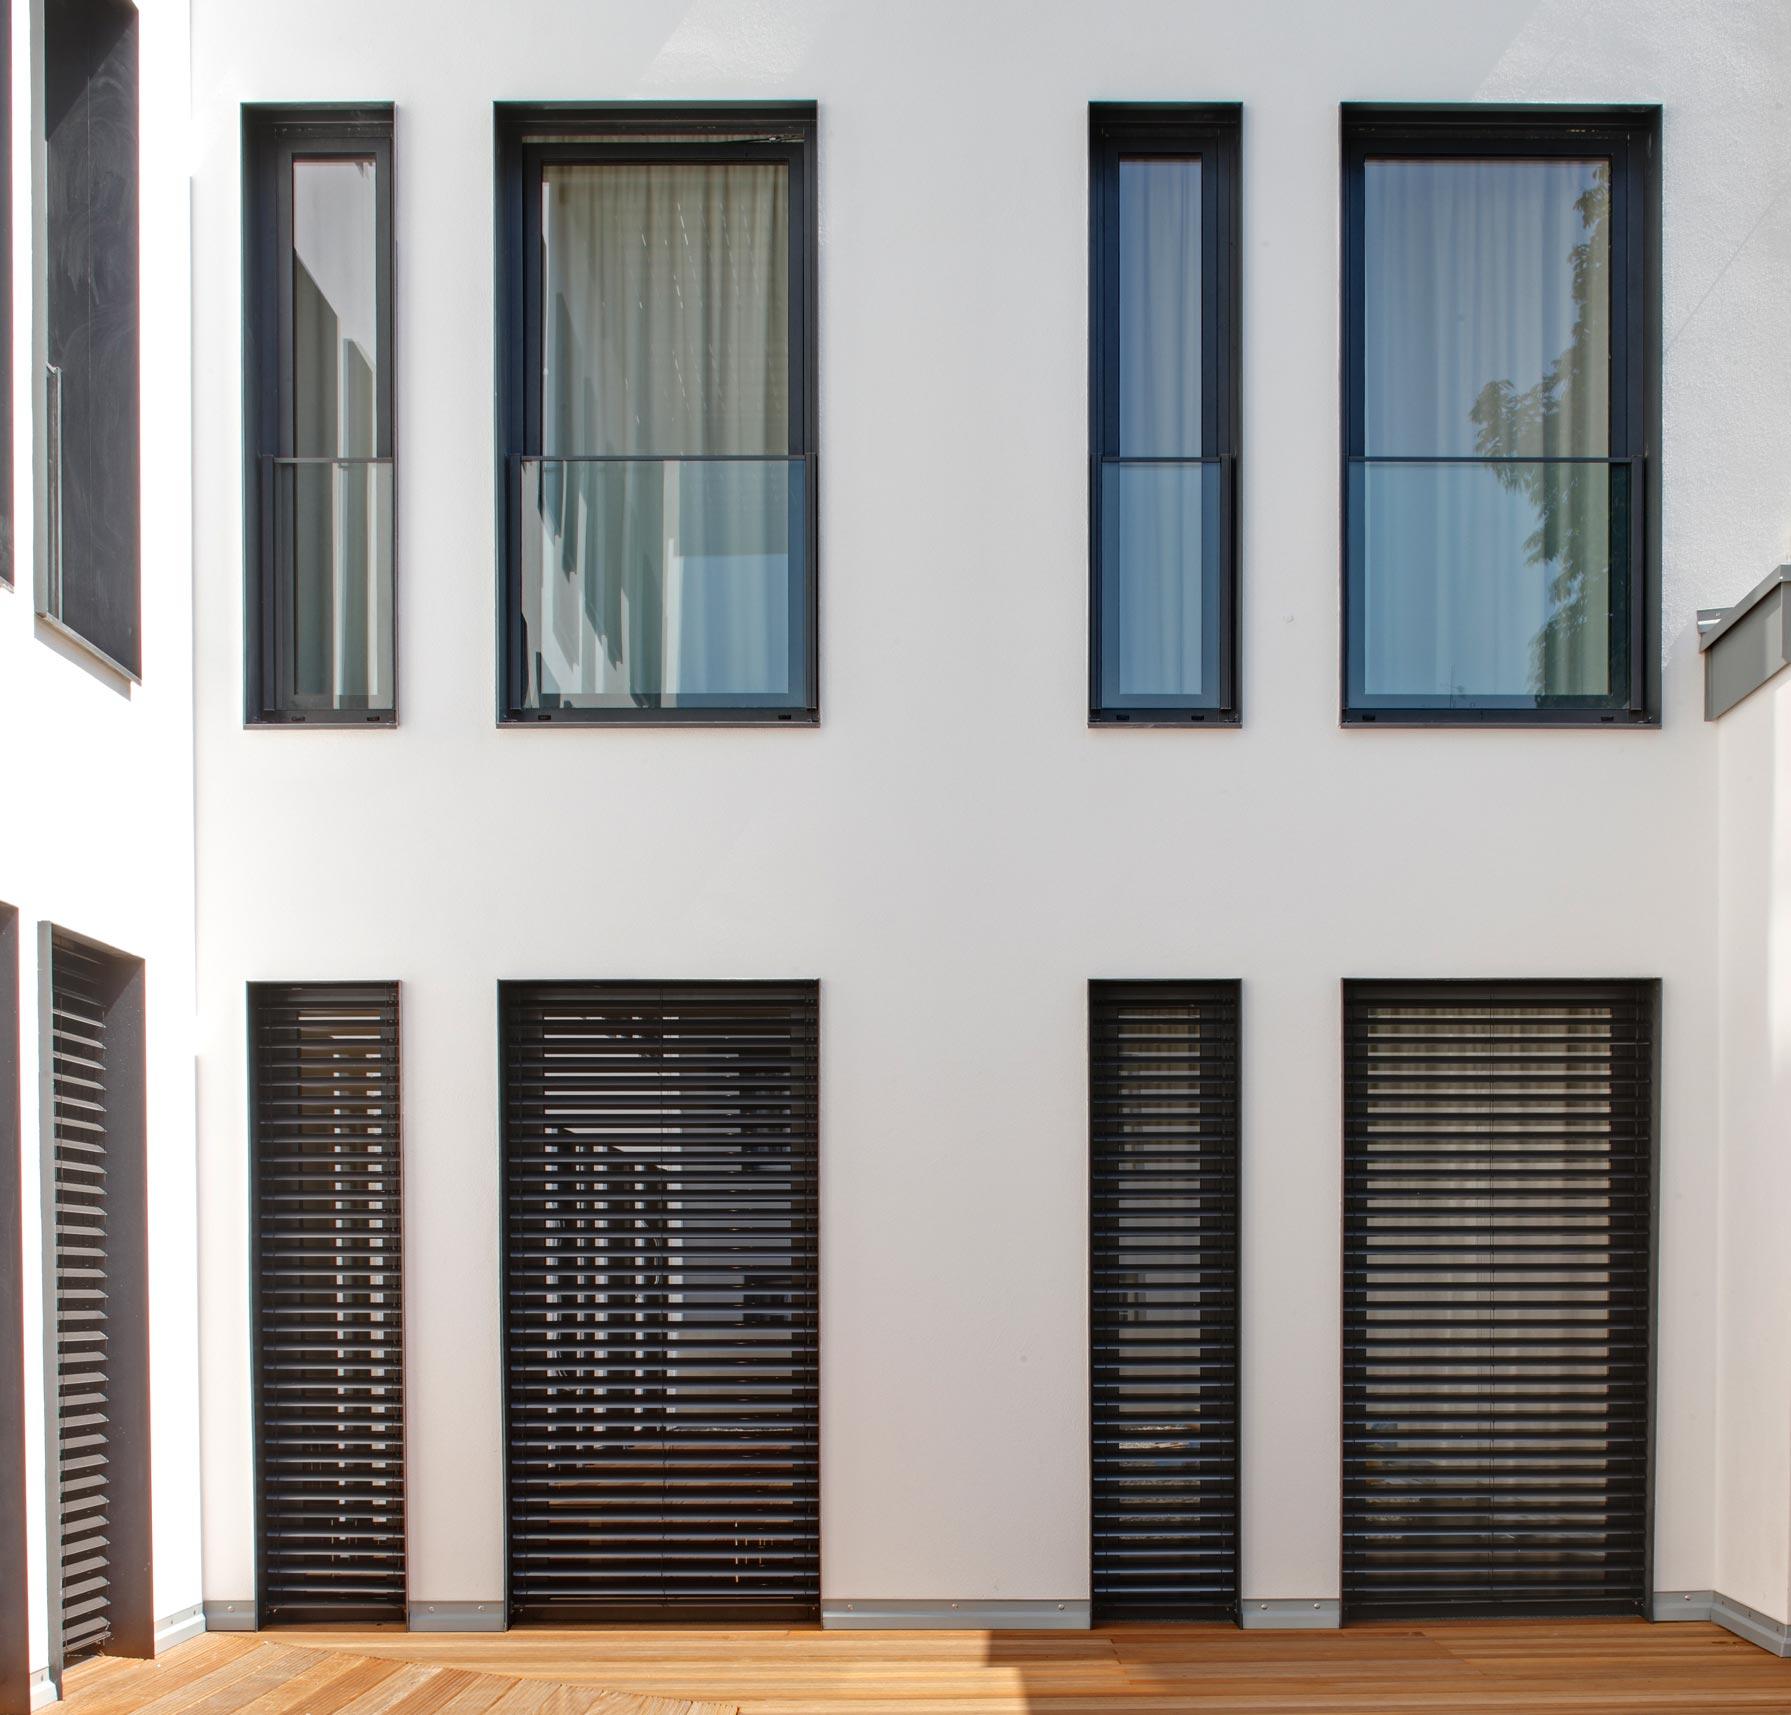 Full Size of Gebrauchte Holzfenster Mit Sprossen Fenster Bett Stauraum 160x200 Regal Schreibtisch 3 Sitzer Sofa Relaxfunktion Schlafzimmer überbau Bettkasten 90x200 Weiß Wohnzimmer Gebrauchte Holzfenster Mit Sprossen